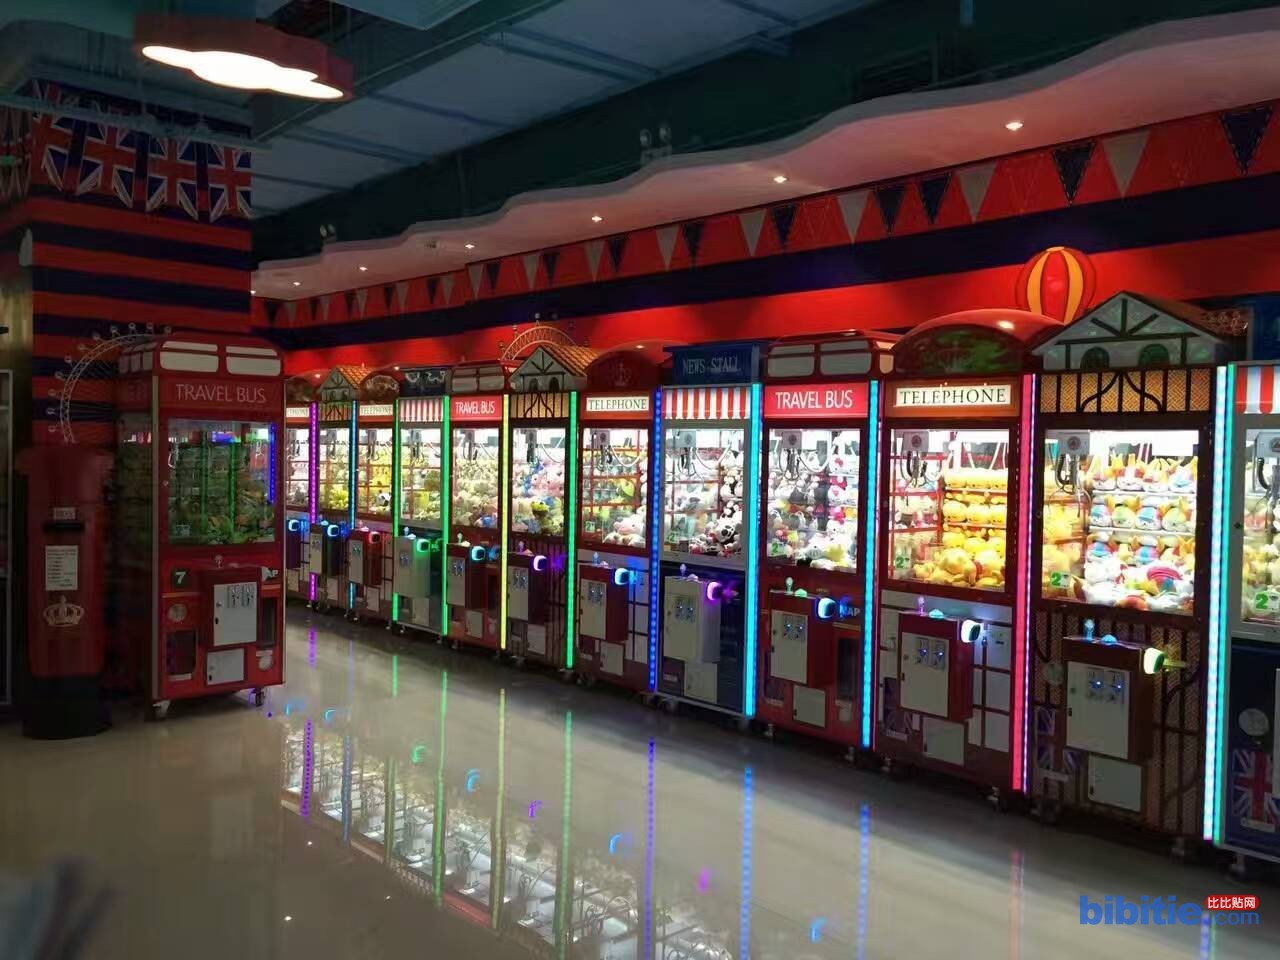 广州慧儿星电子科技有限公司直销夹娃娃机、夹公仔机  娃娃机厂家直销 广州游戏机厂家图片